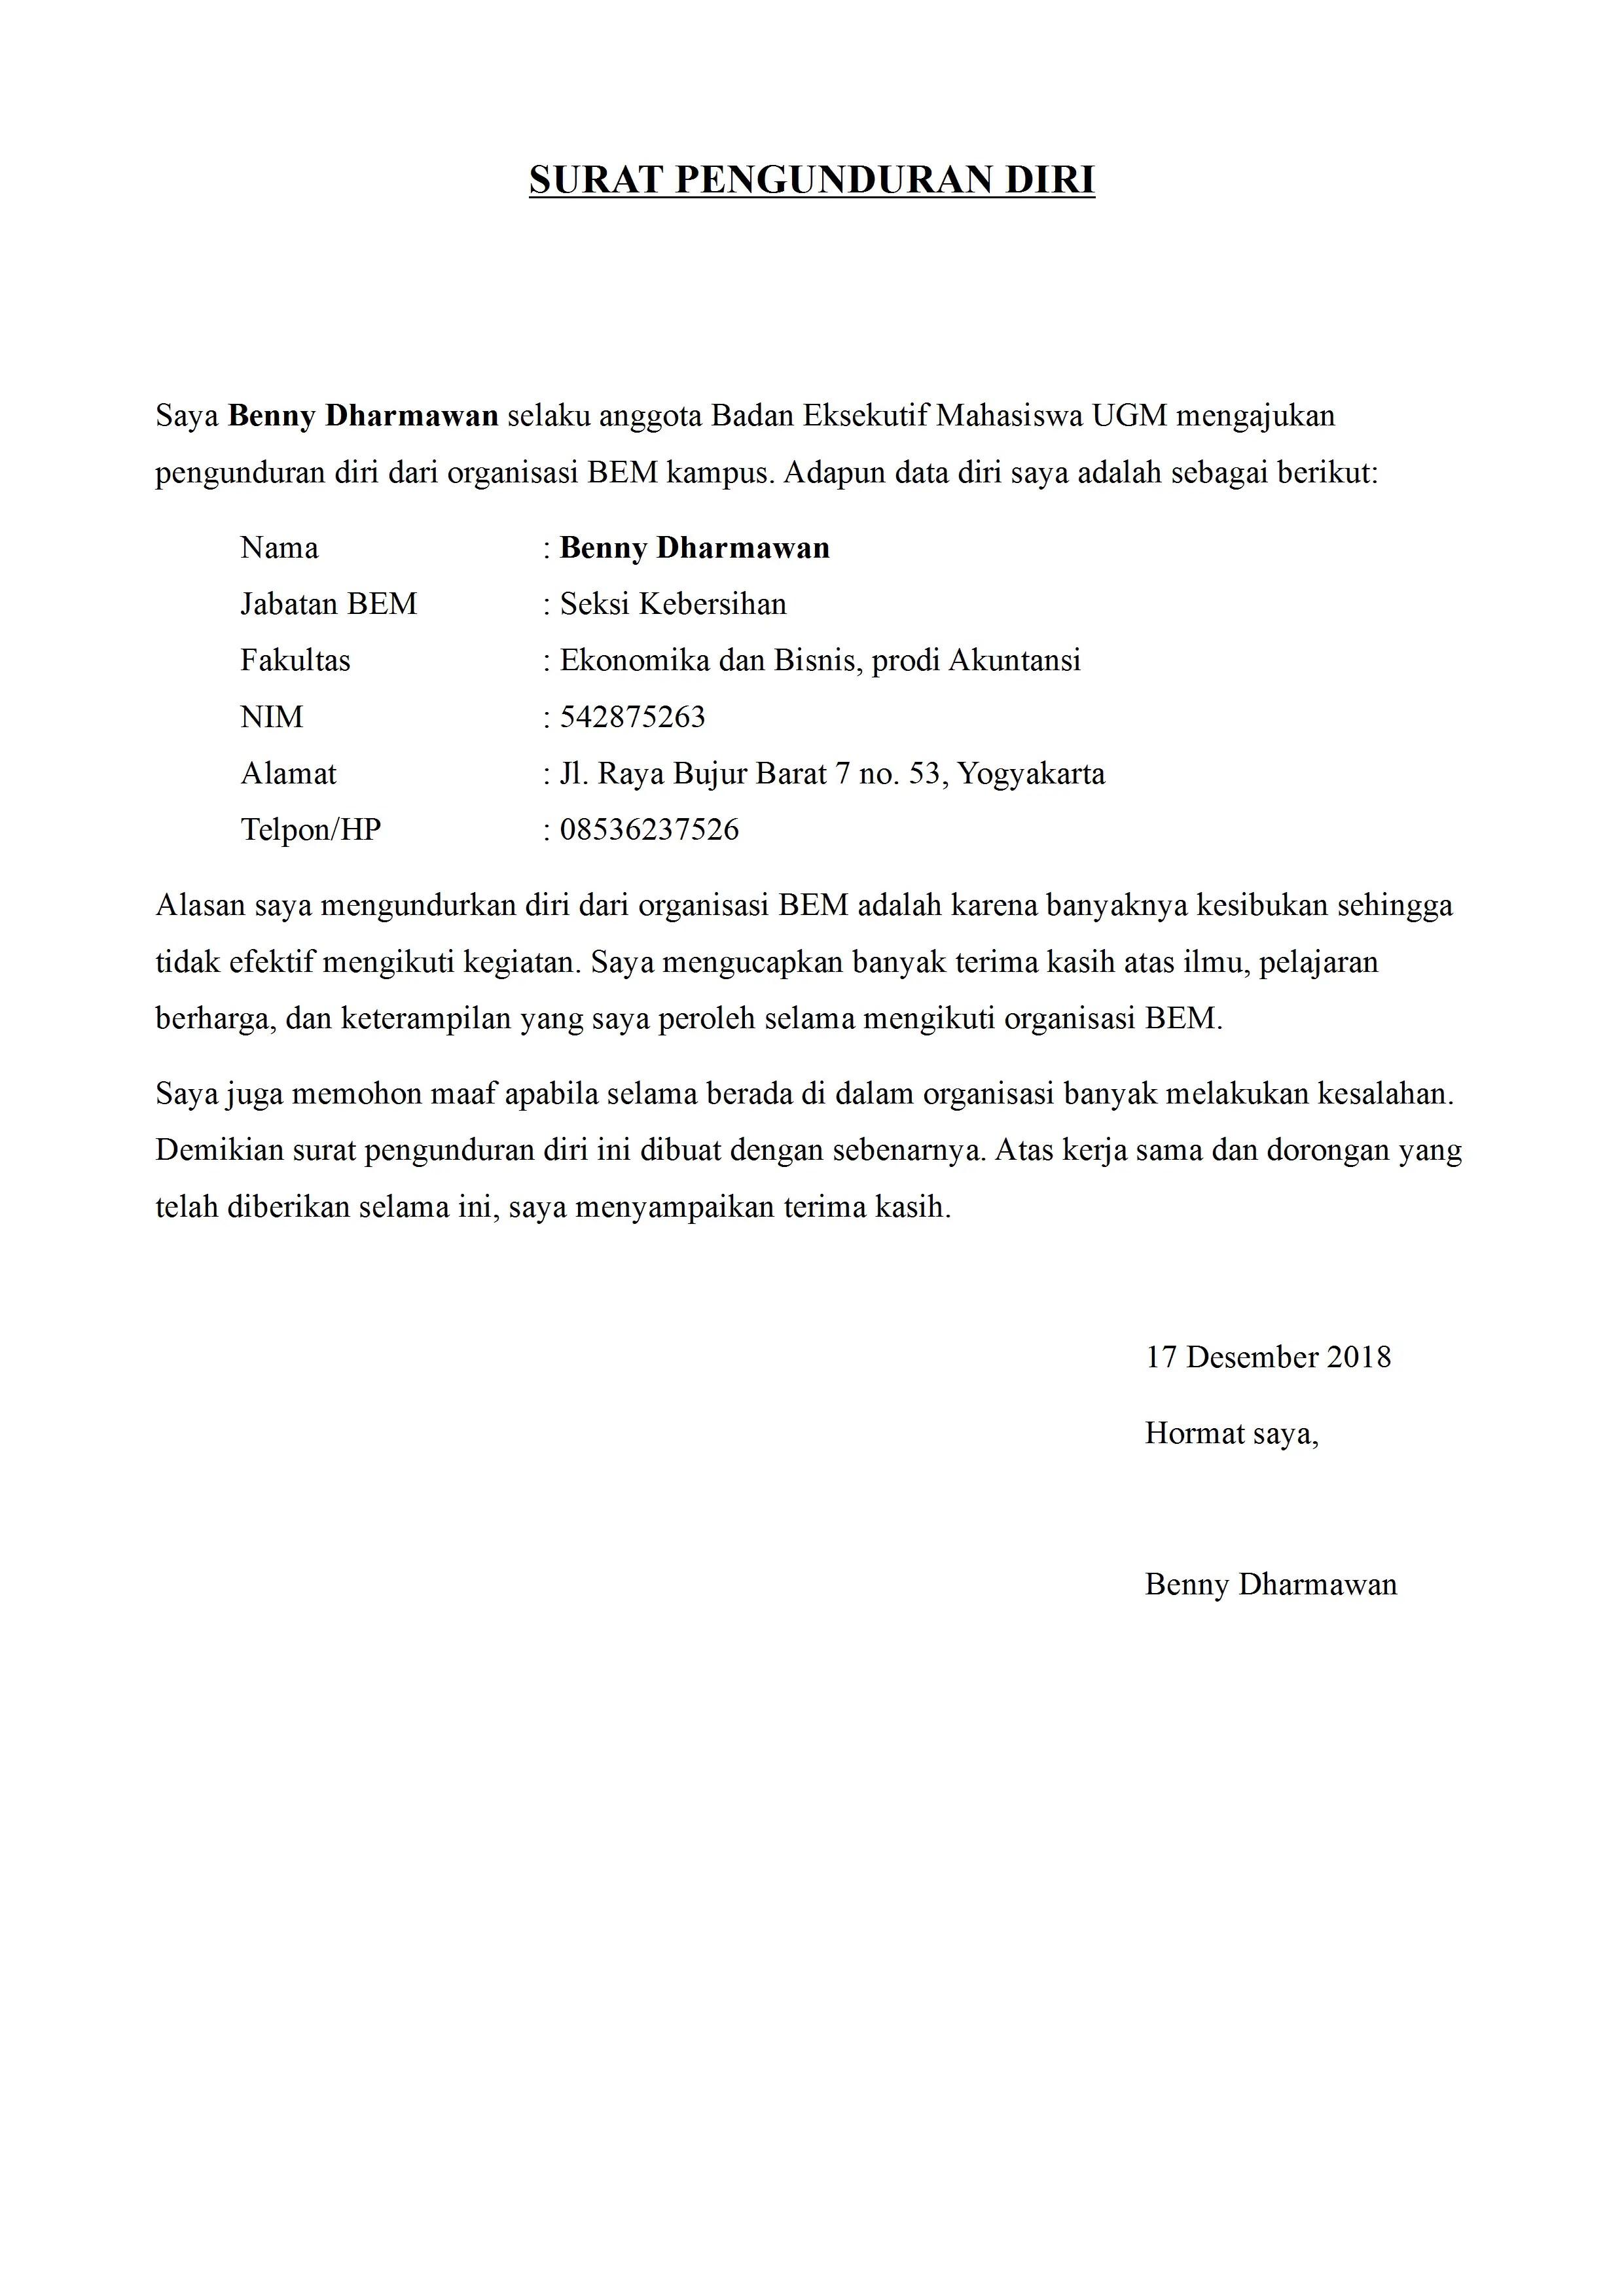 Contoh Surat Pengunduran Diri Organisasi Kampus Yang Baik Dan Benar